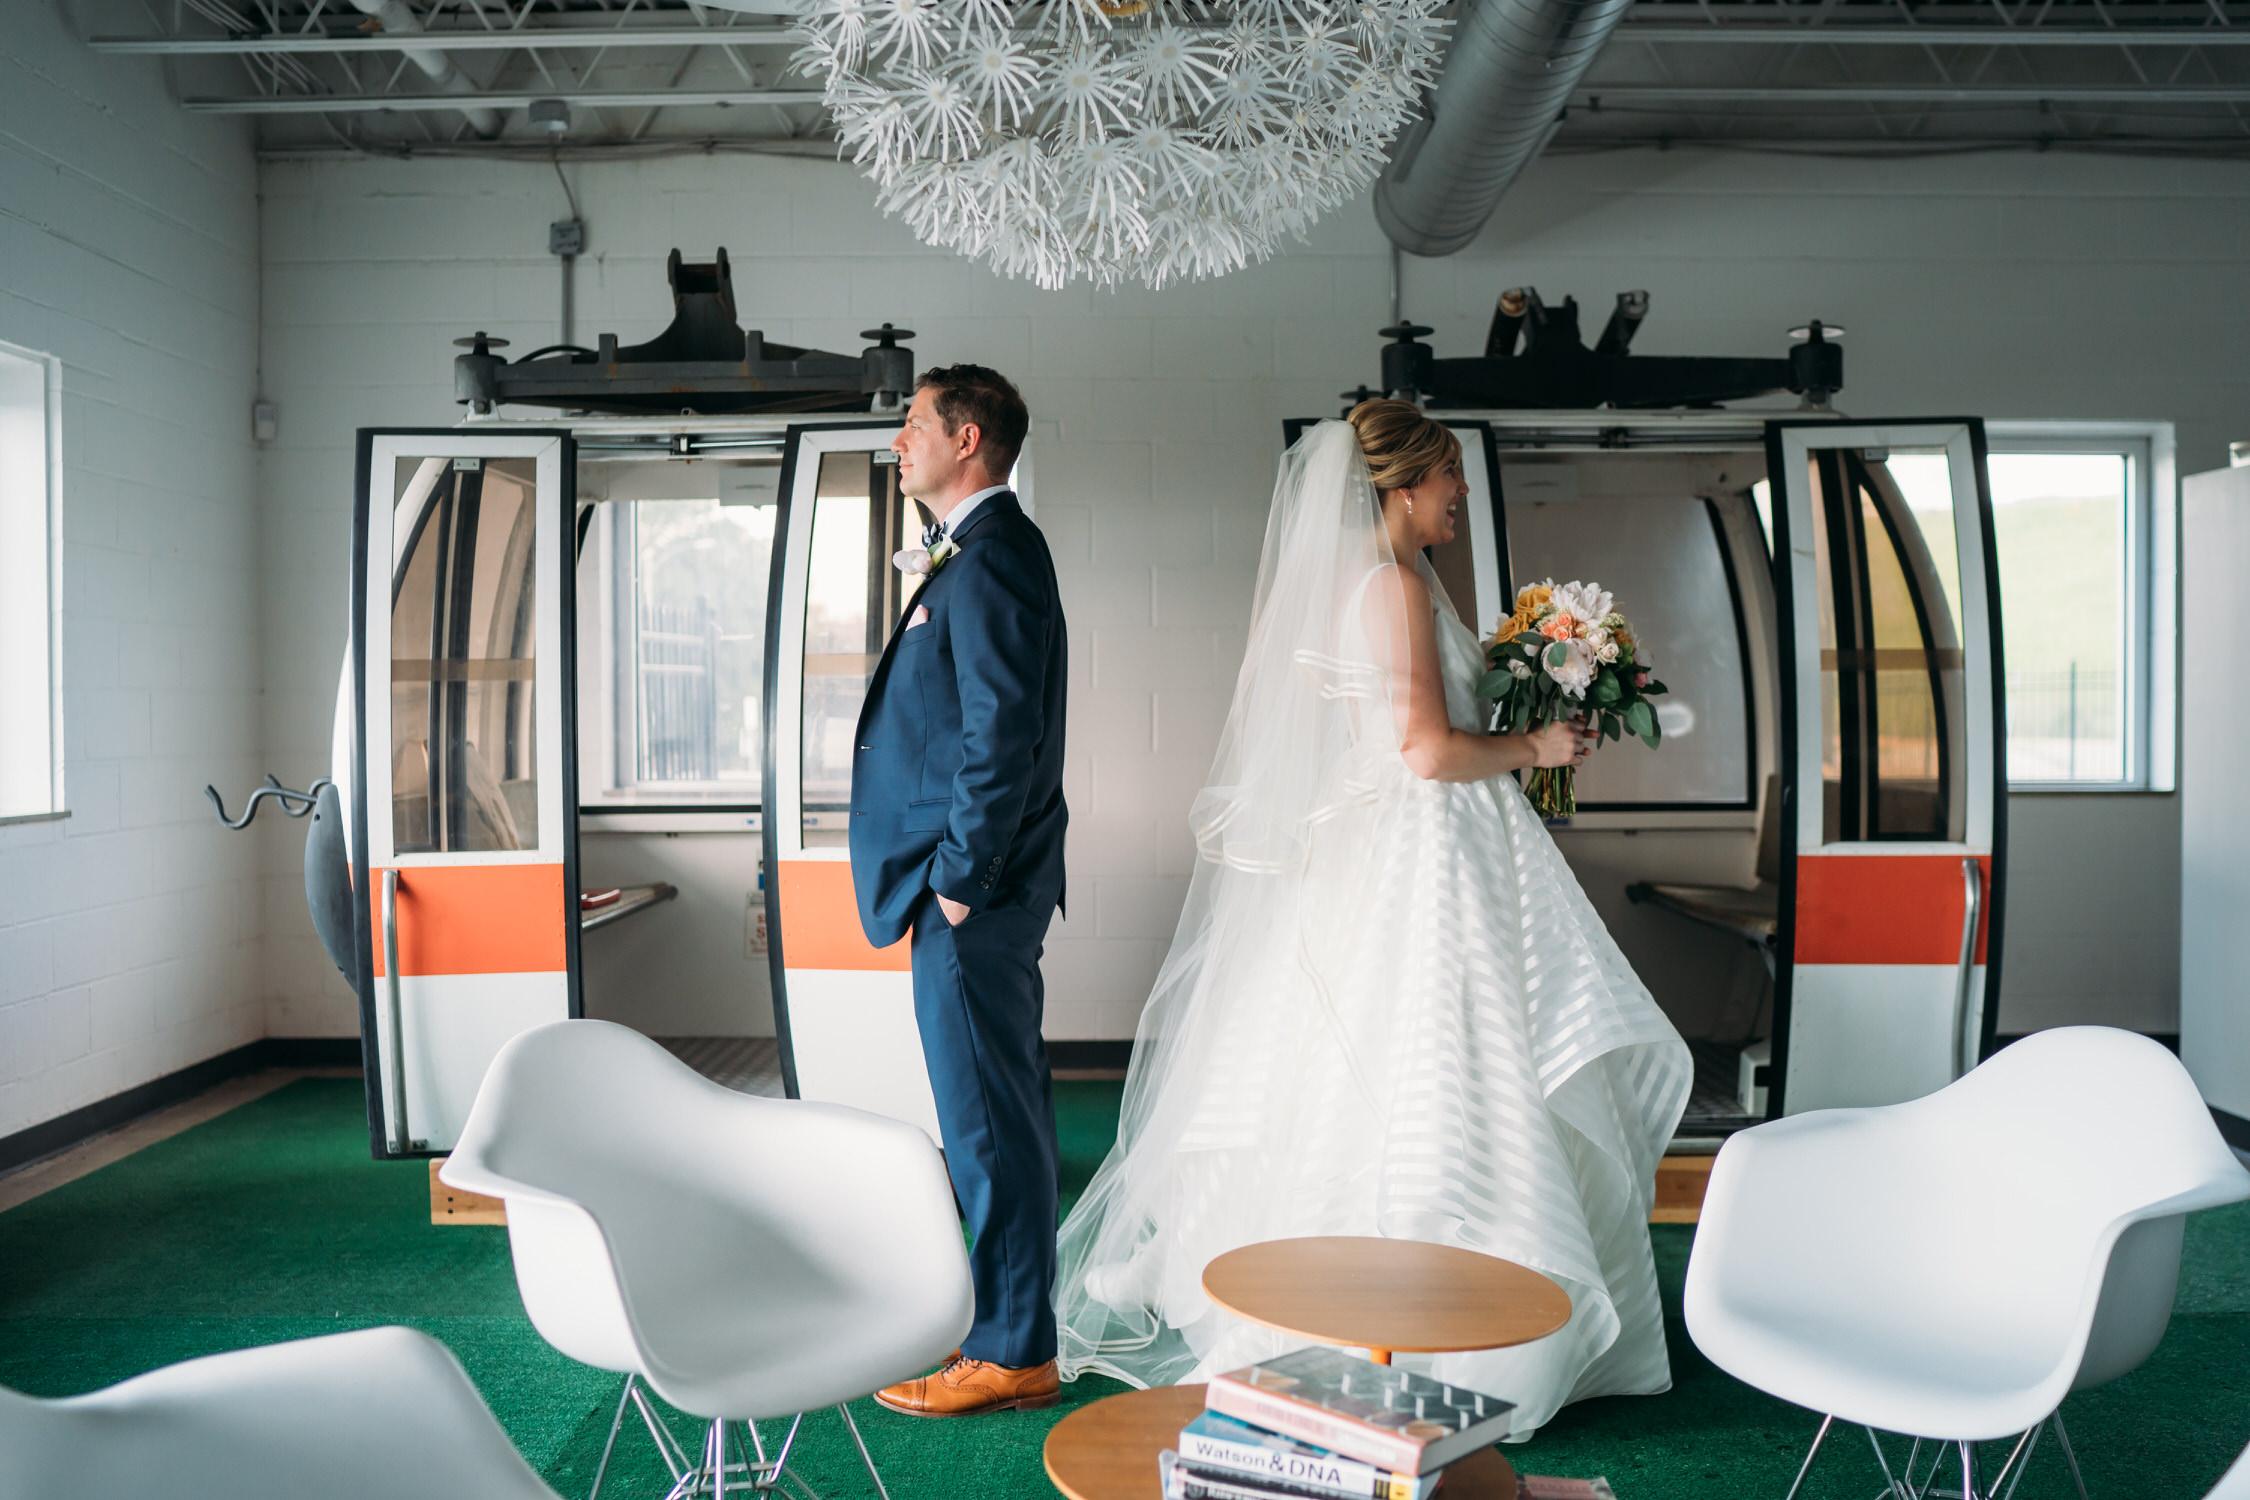 St Louis Modern Wedding, First Look